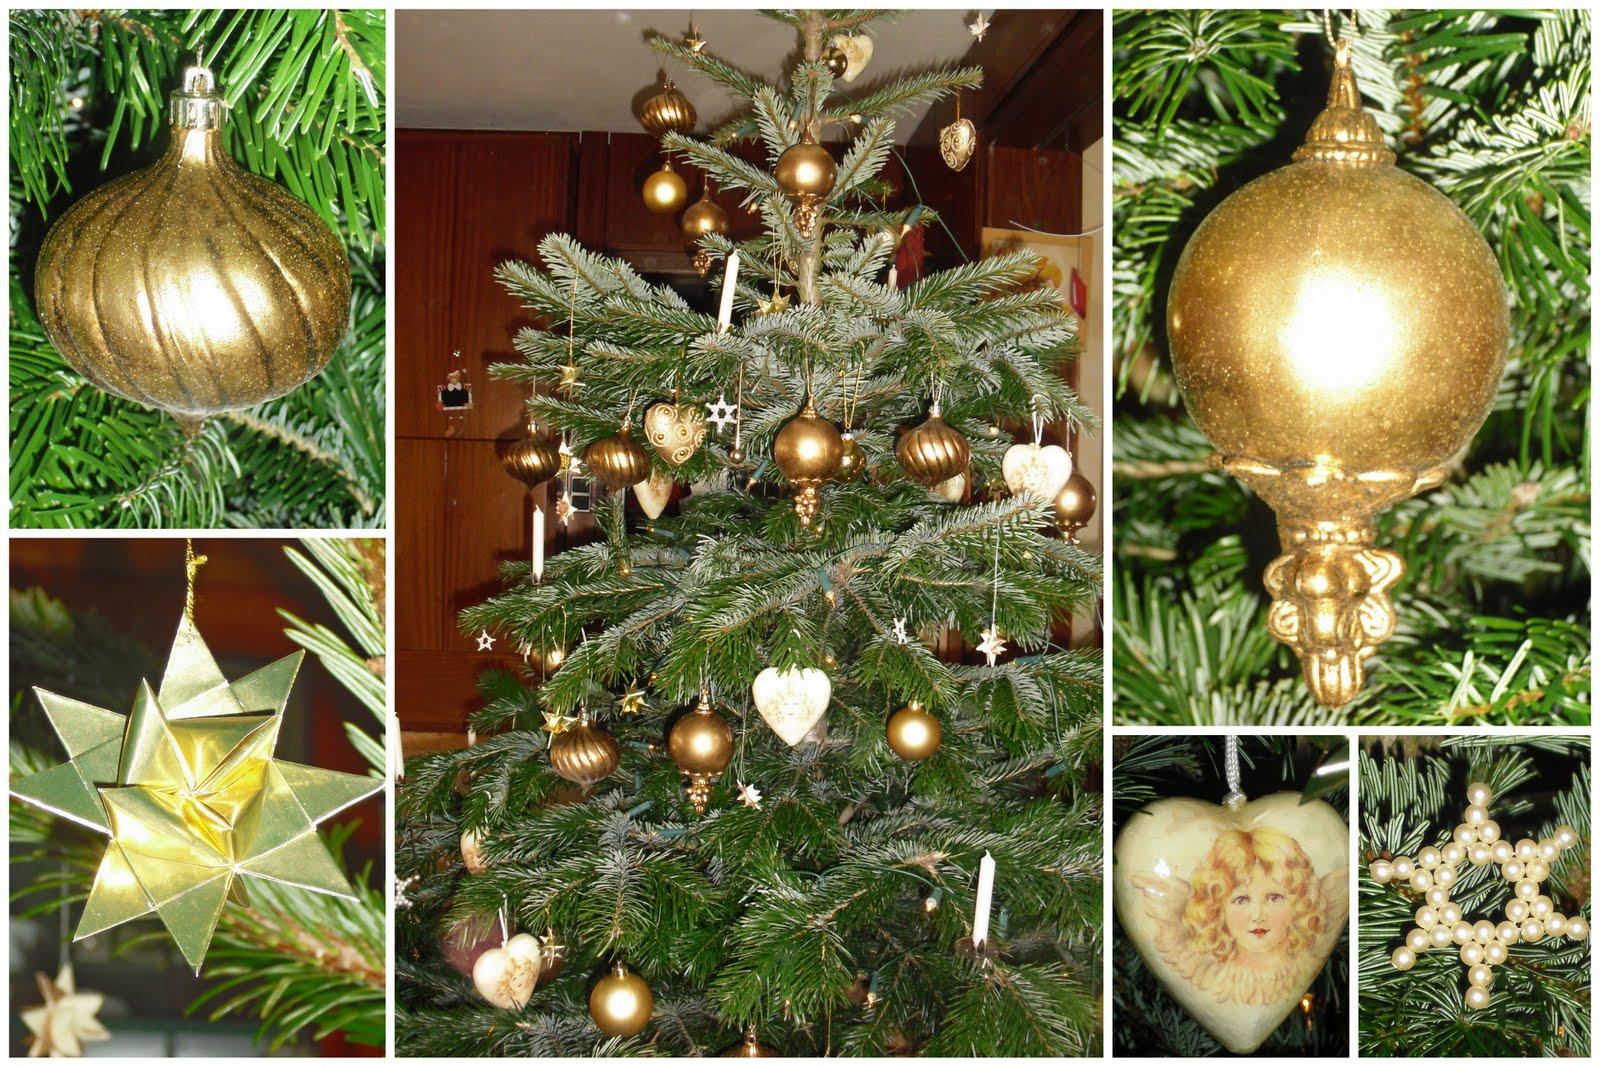 rosenmaerchenfee weihnachtsbaum. Black Bedroom Furniture Sets. Home Design Ideas